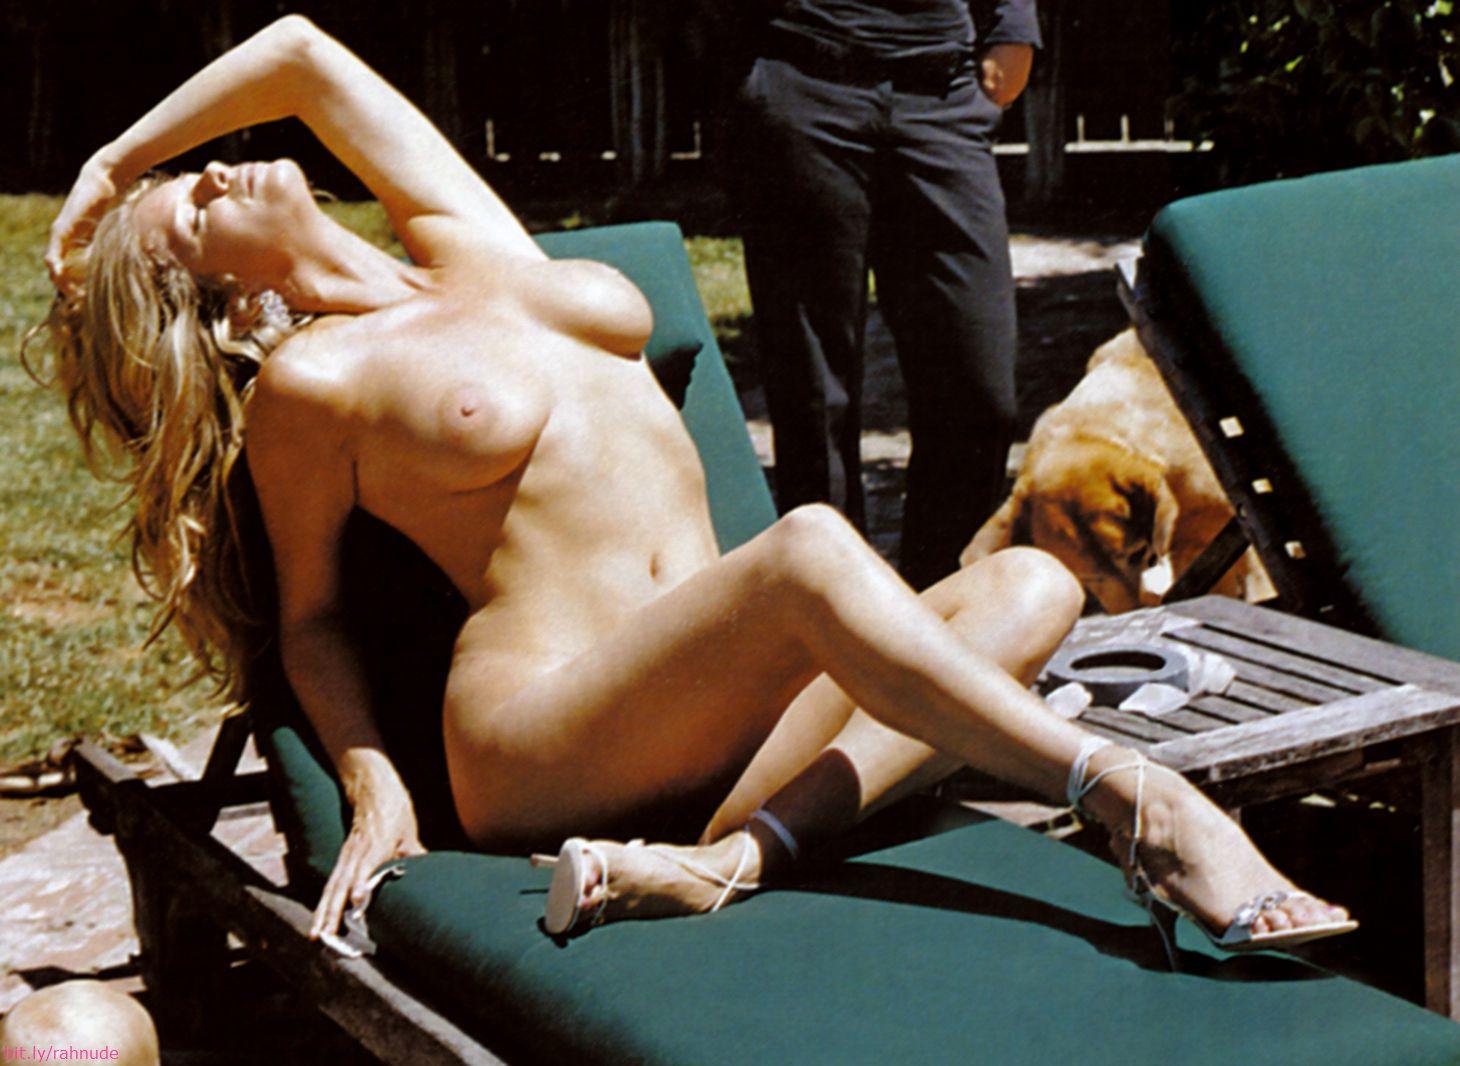 rachel hunter nude on playboy